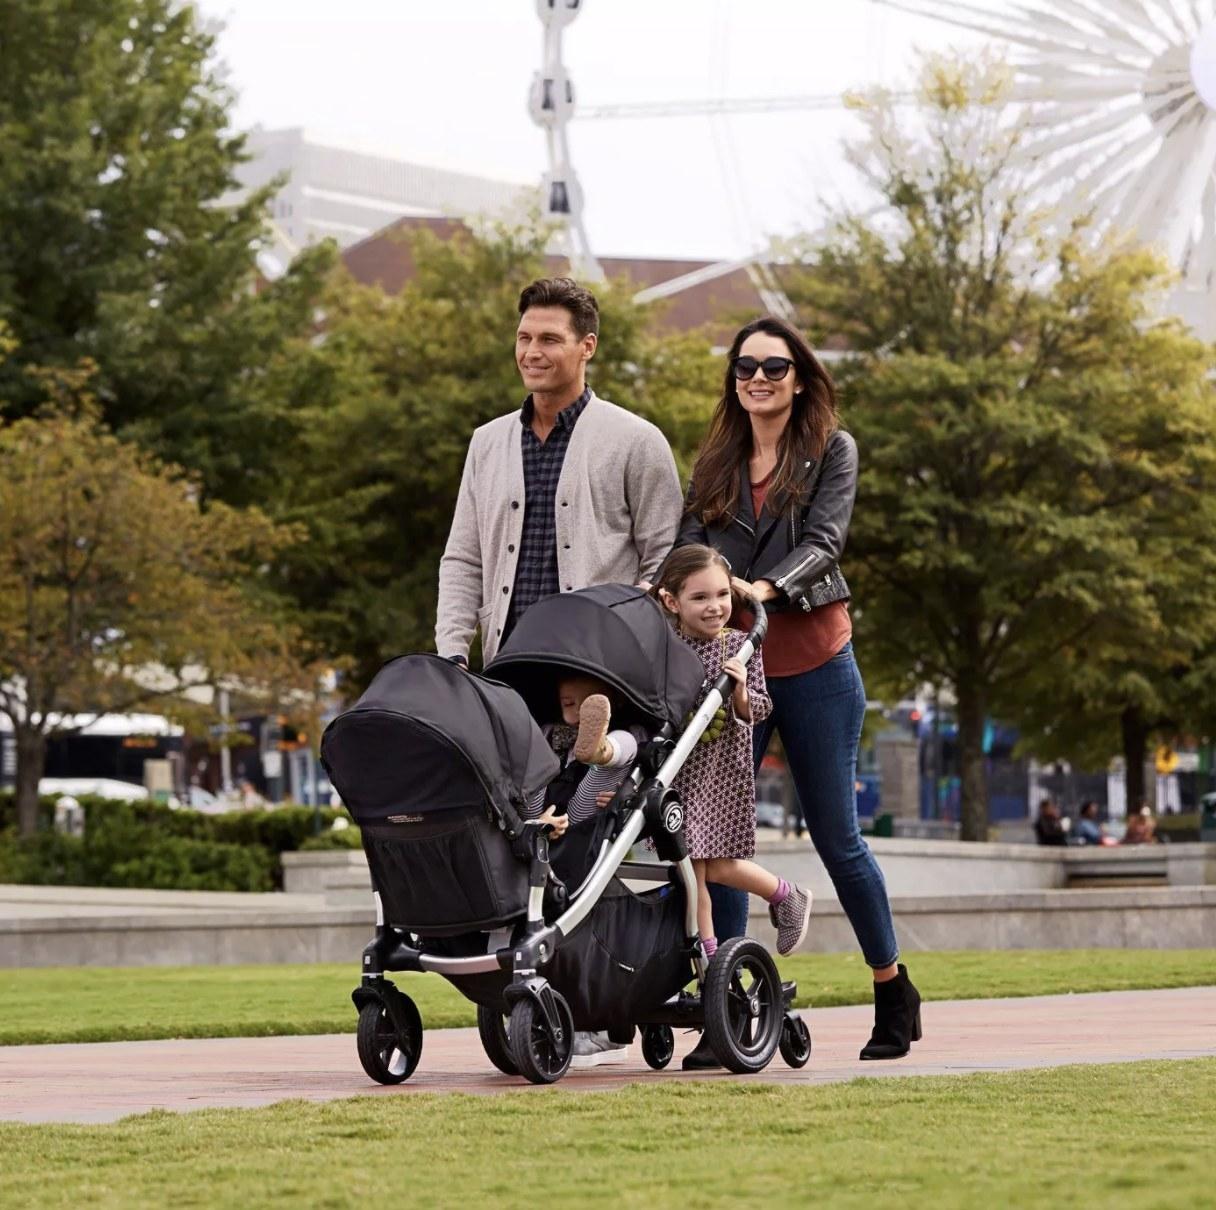 family pushing black stroller